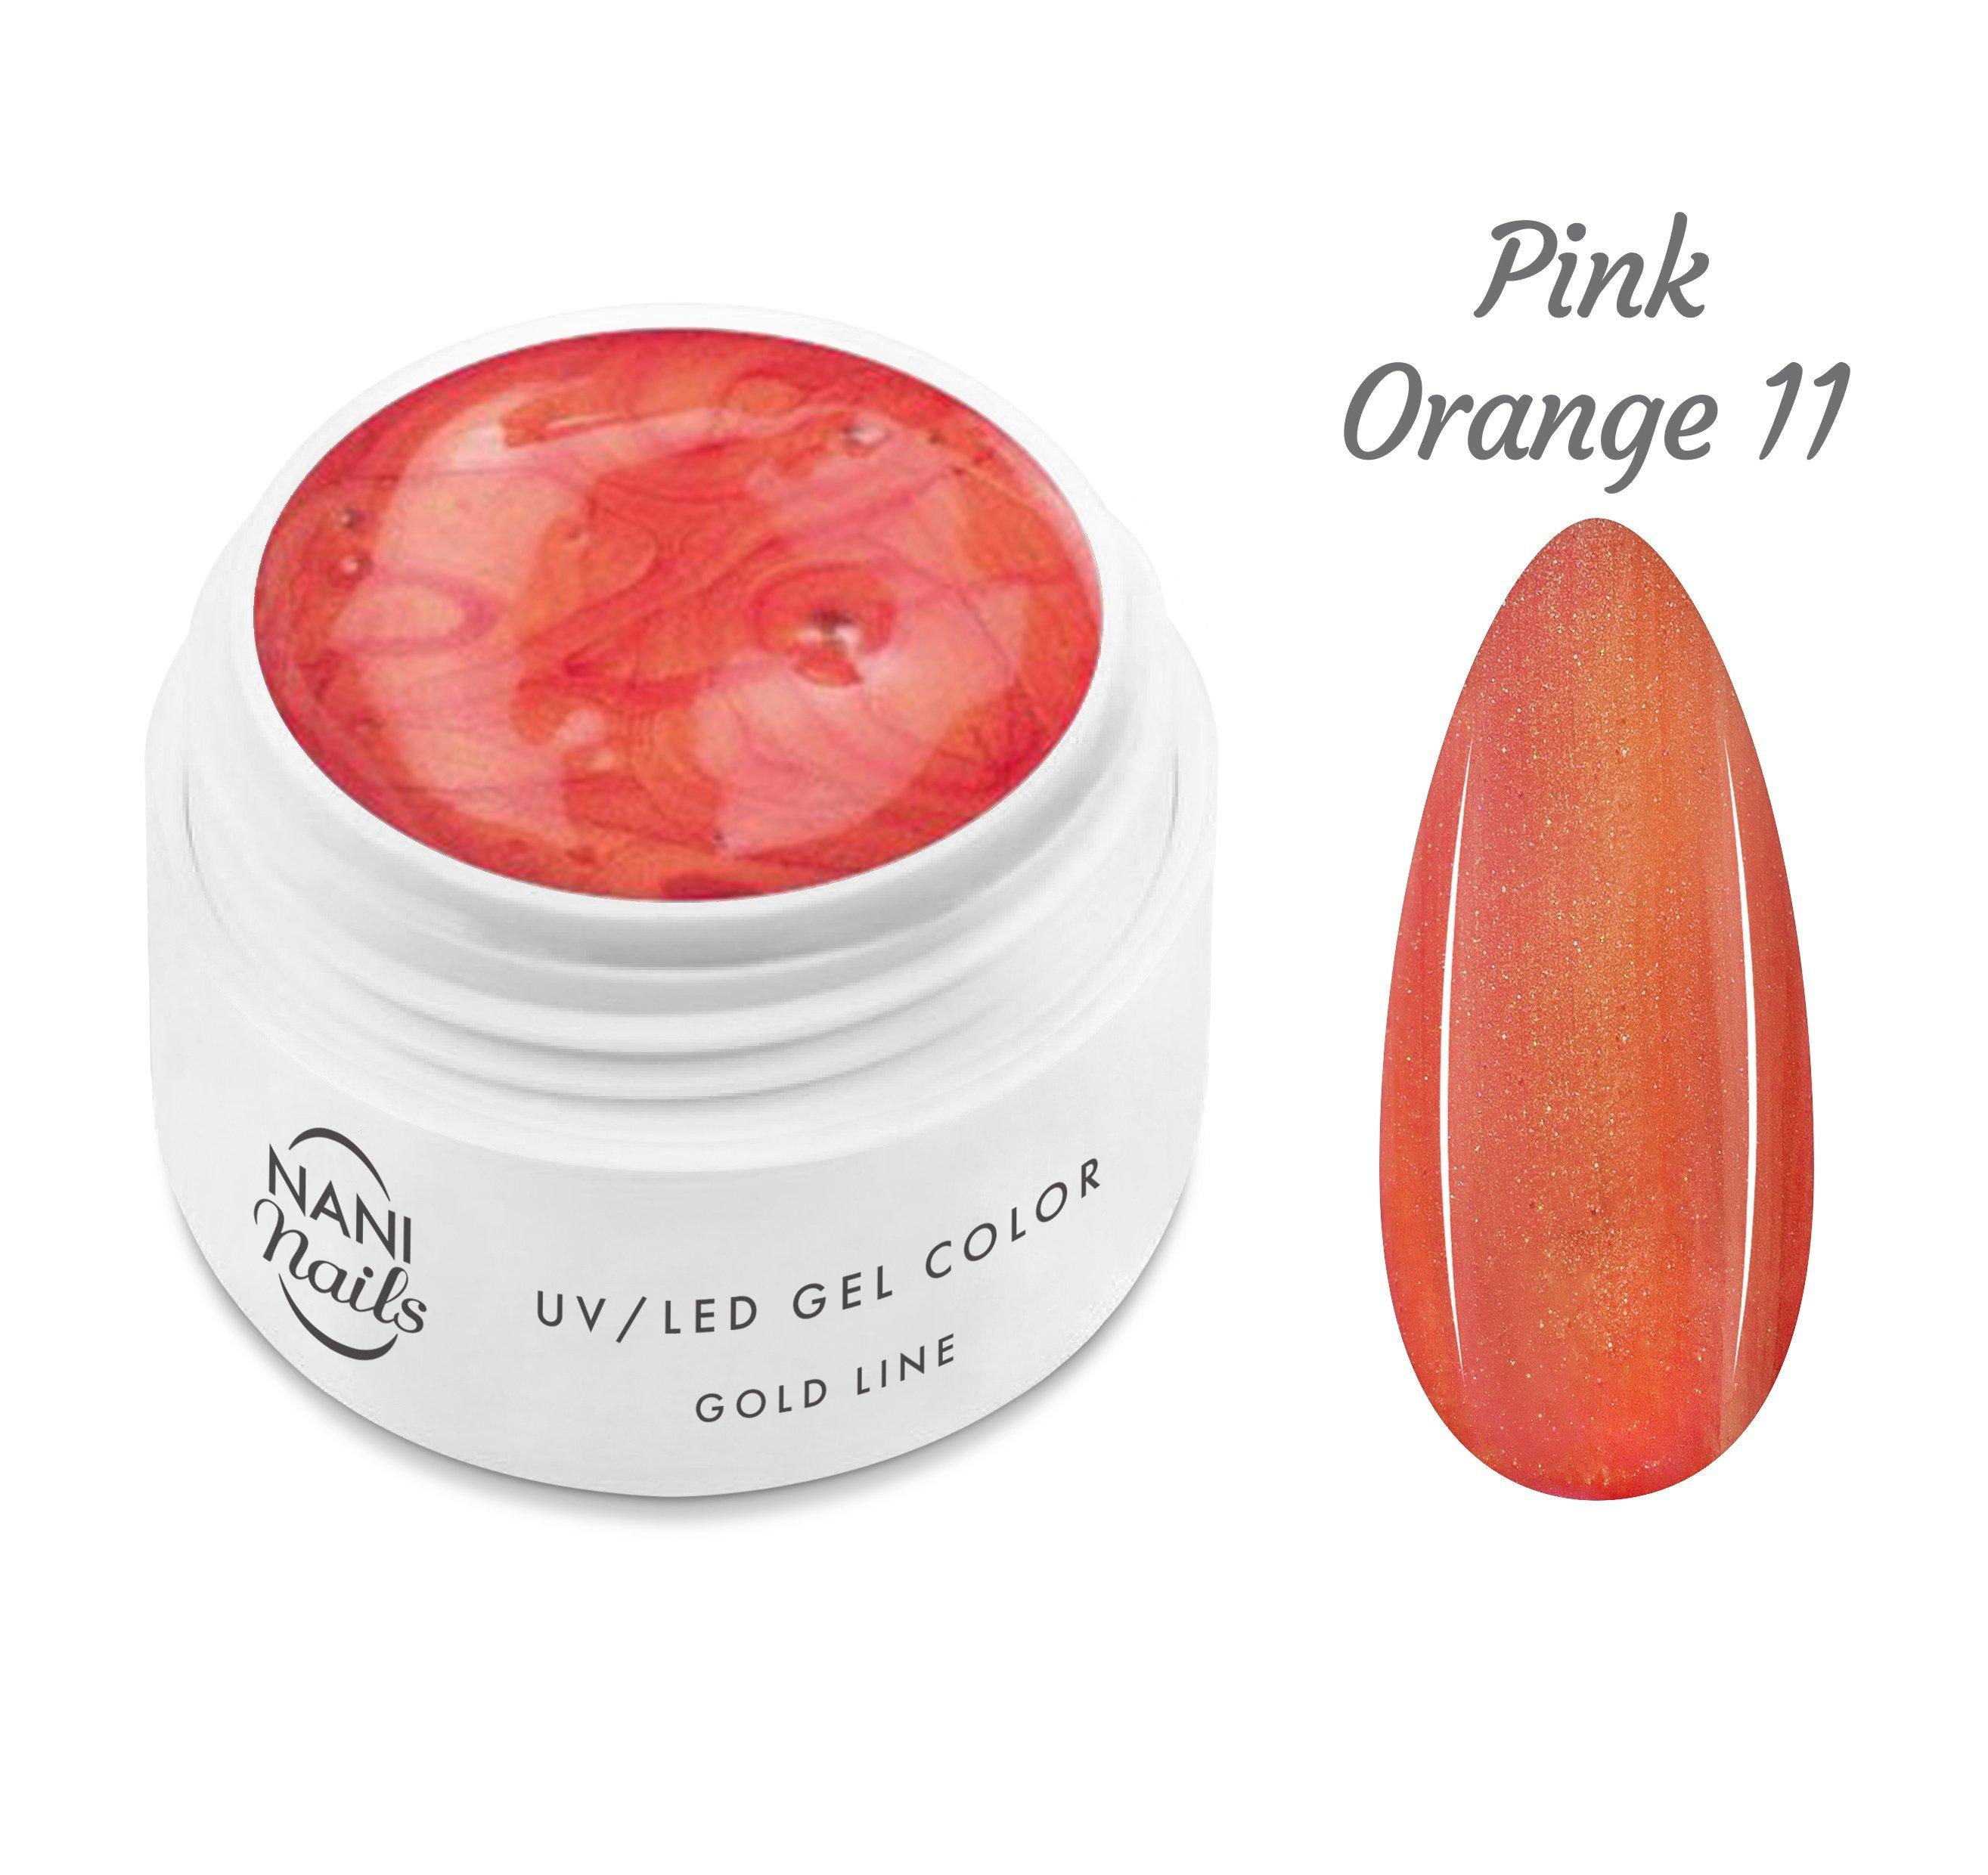 NANI UV gél Gold Line 5 ml - Pink Orange